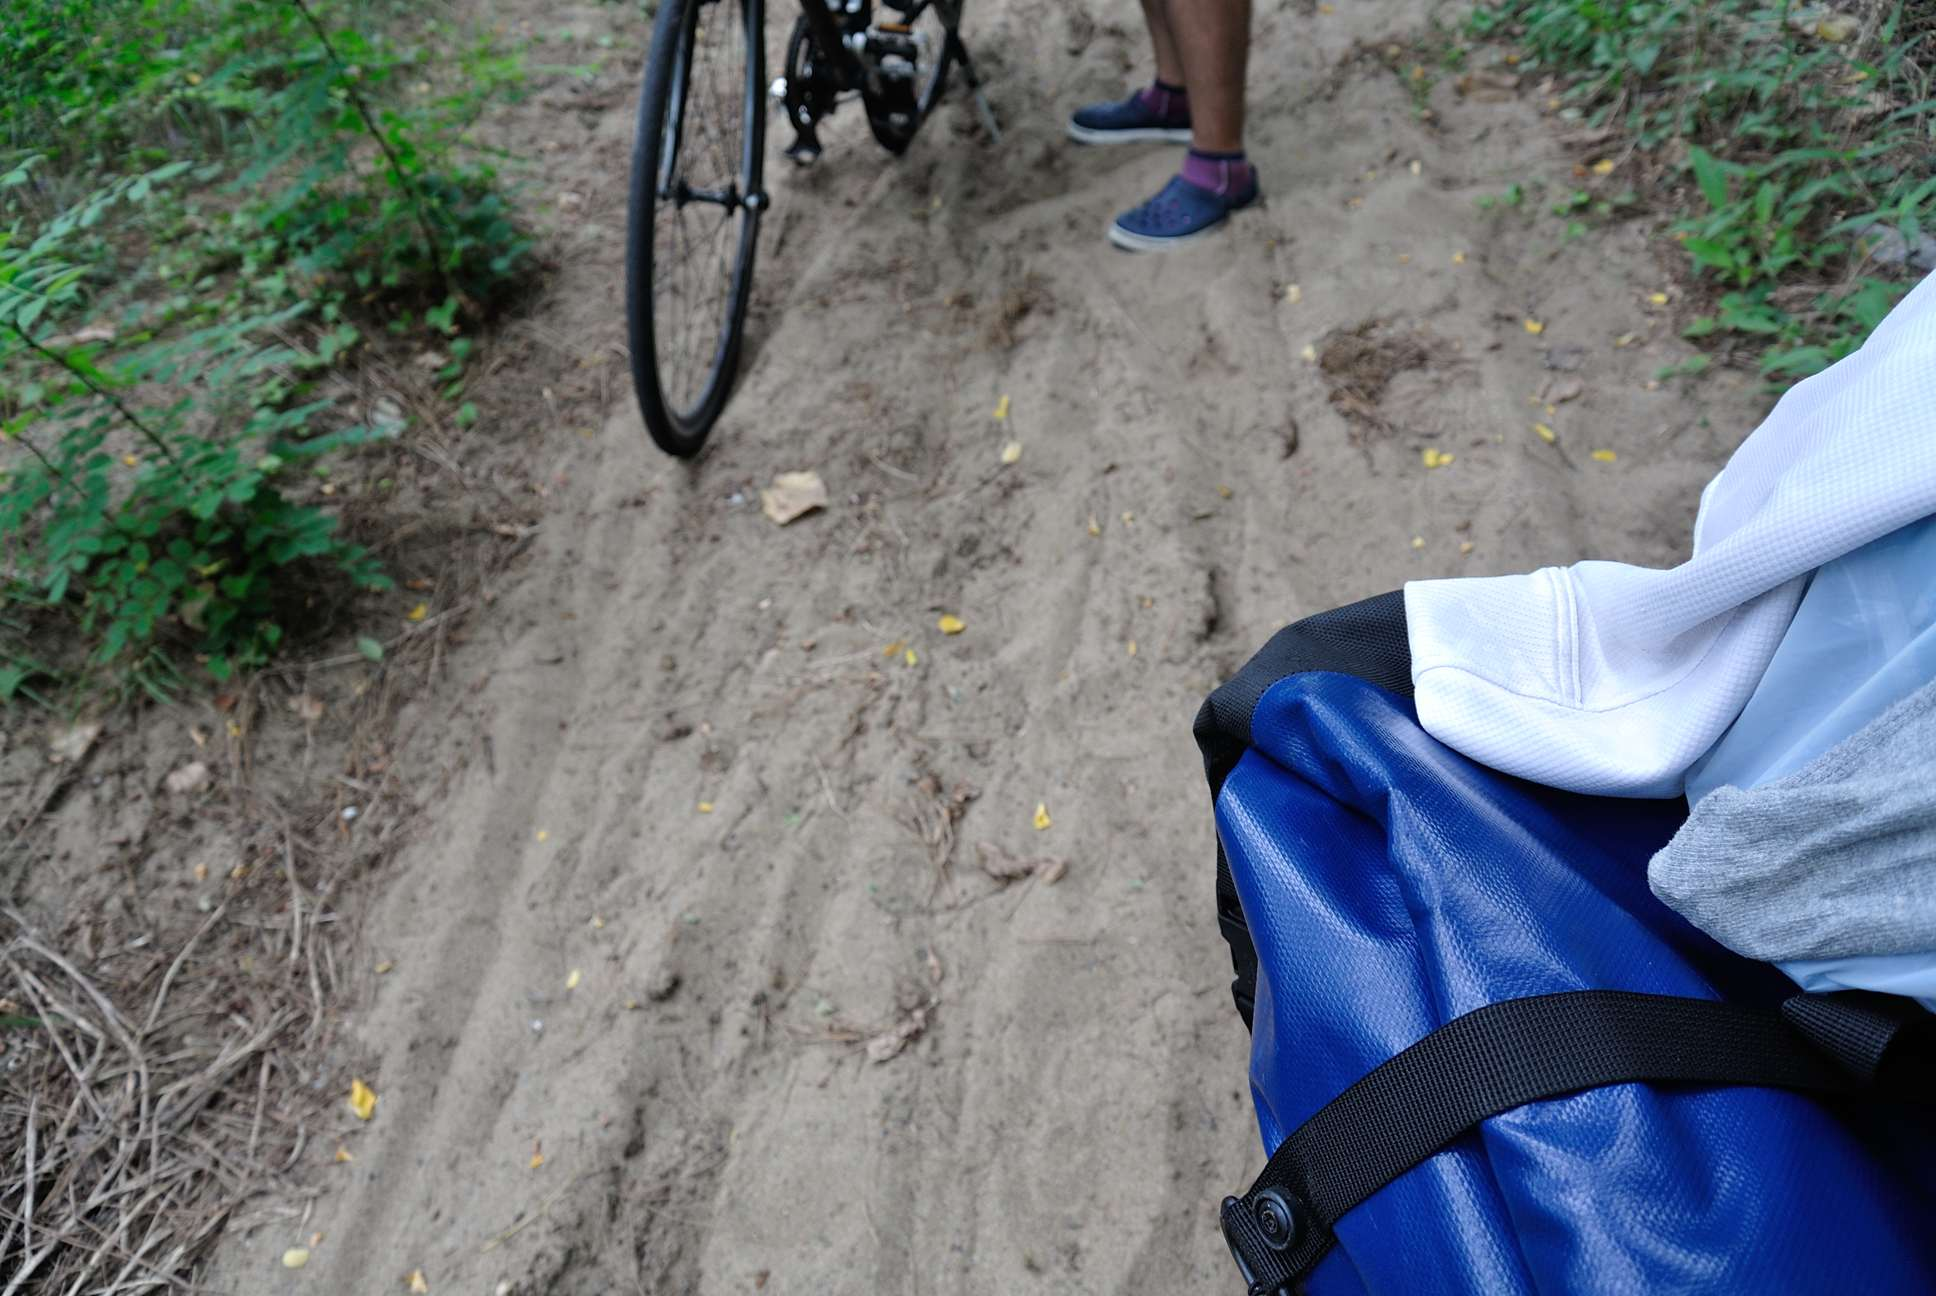 石川のサイクリングロードの実態